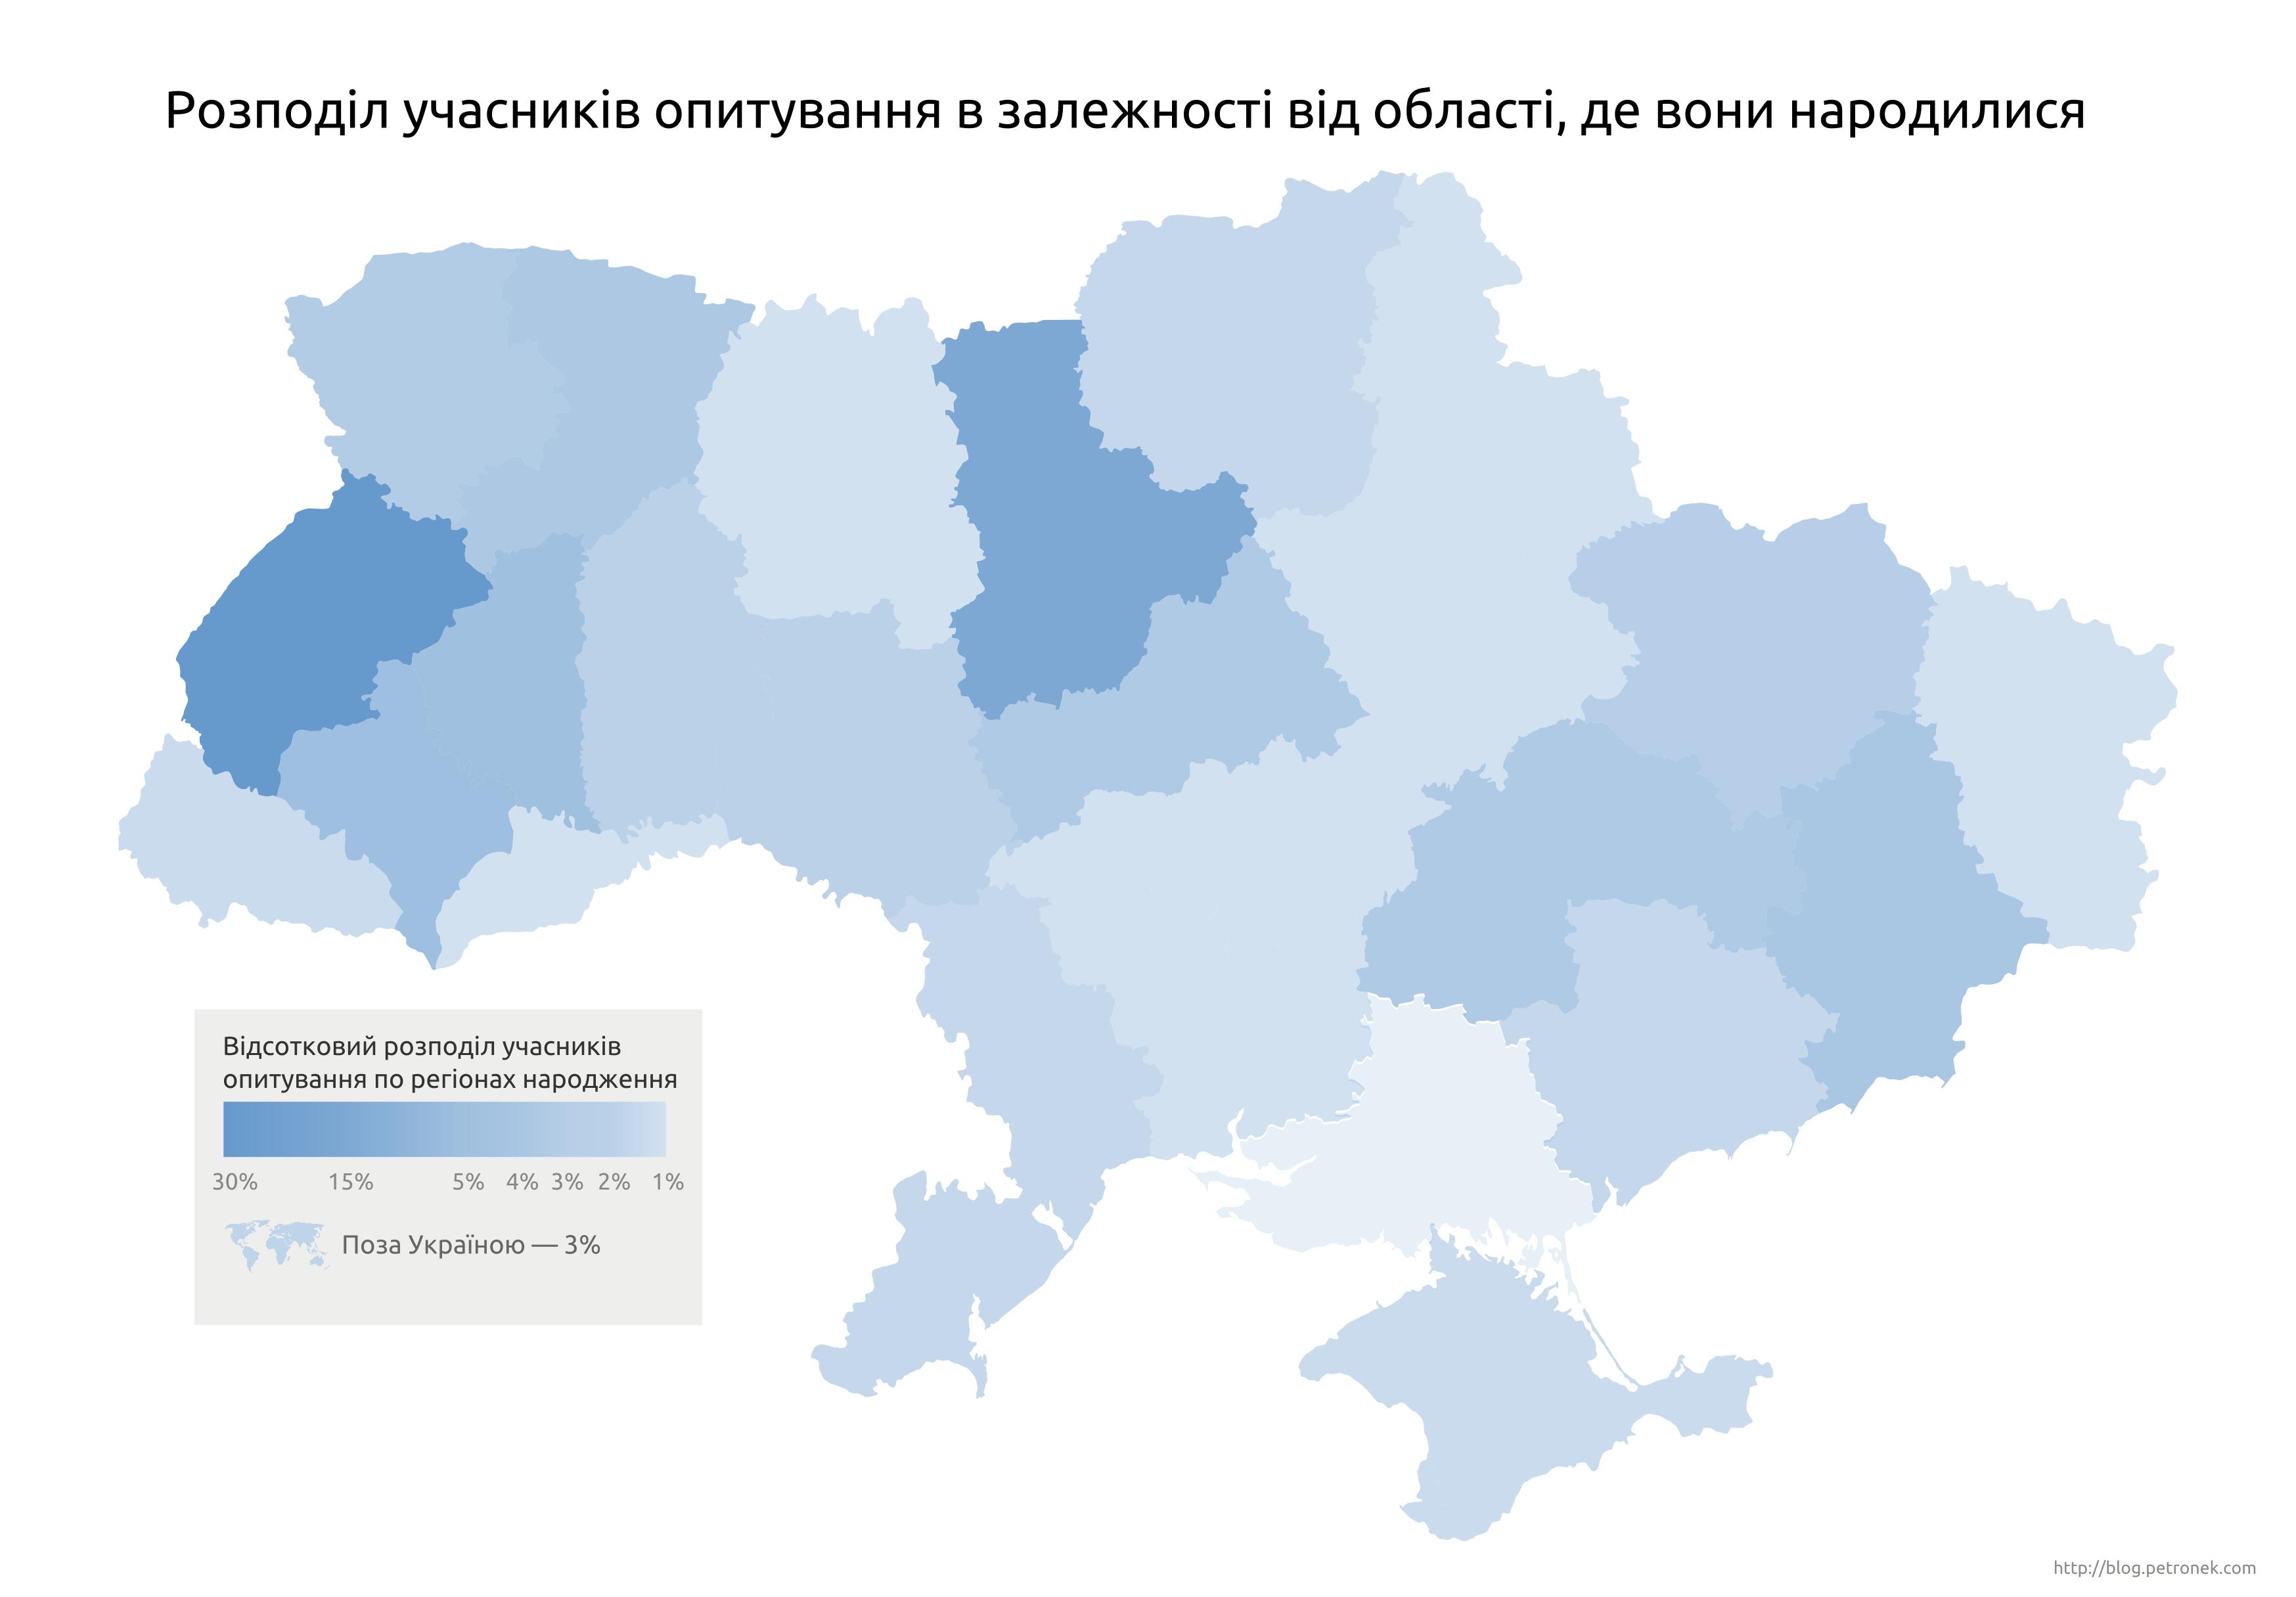 Розподіл учасників опитування в залежності від області, де вони народилися